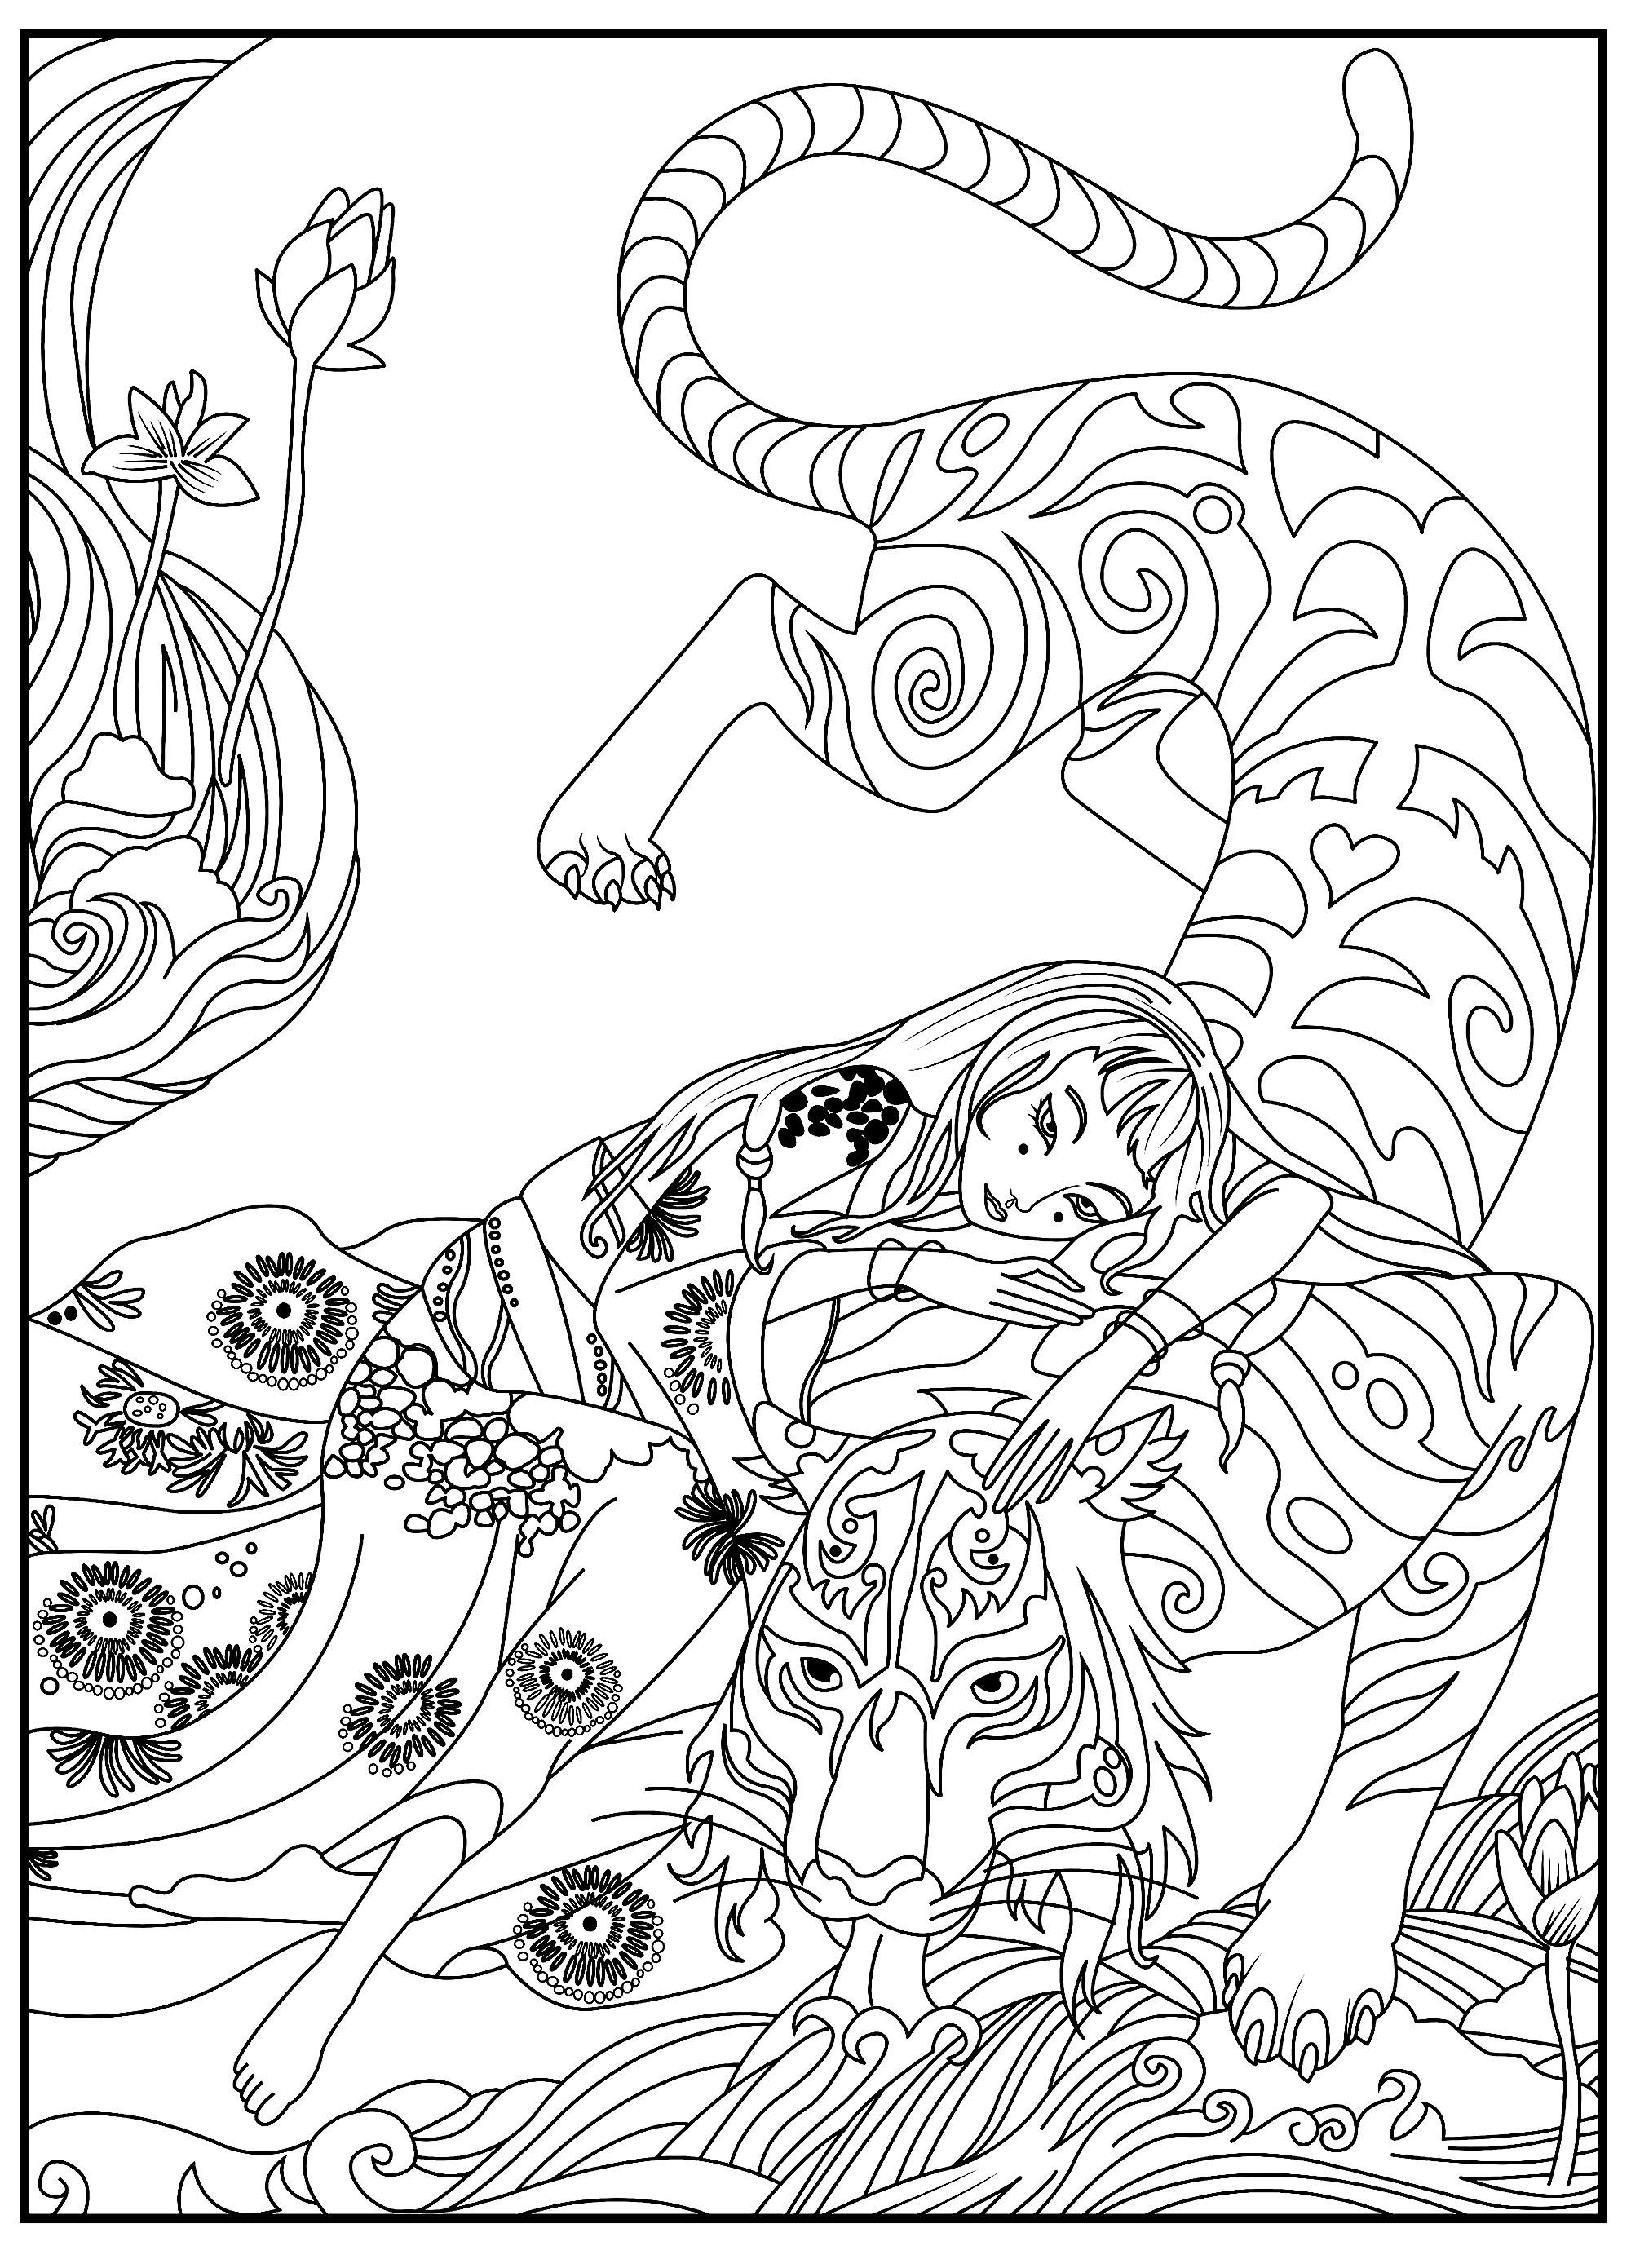 Disegni da colorare per adulti : Tigri - 1